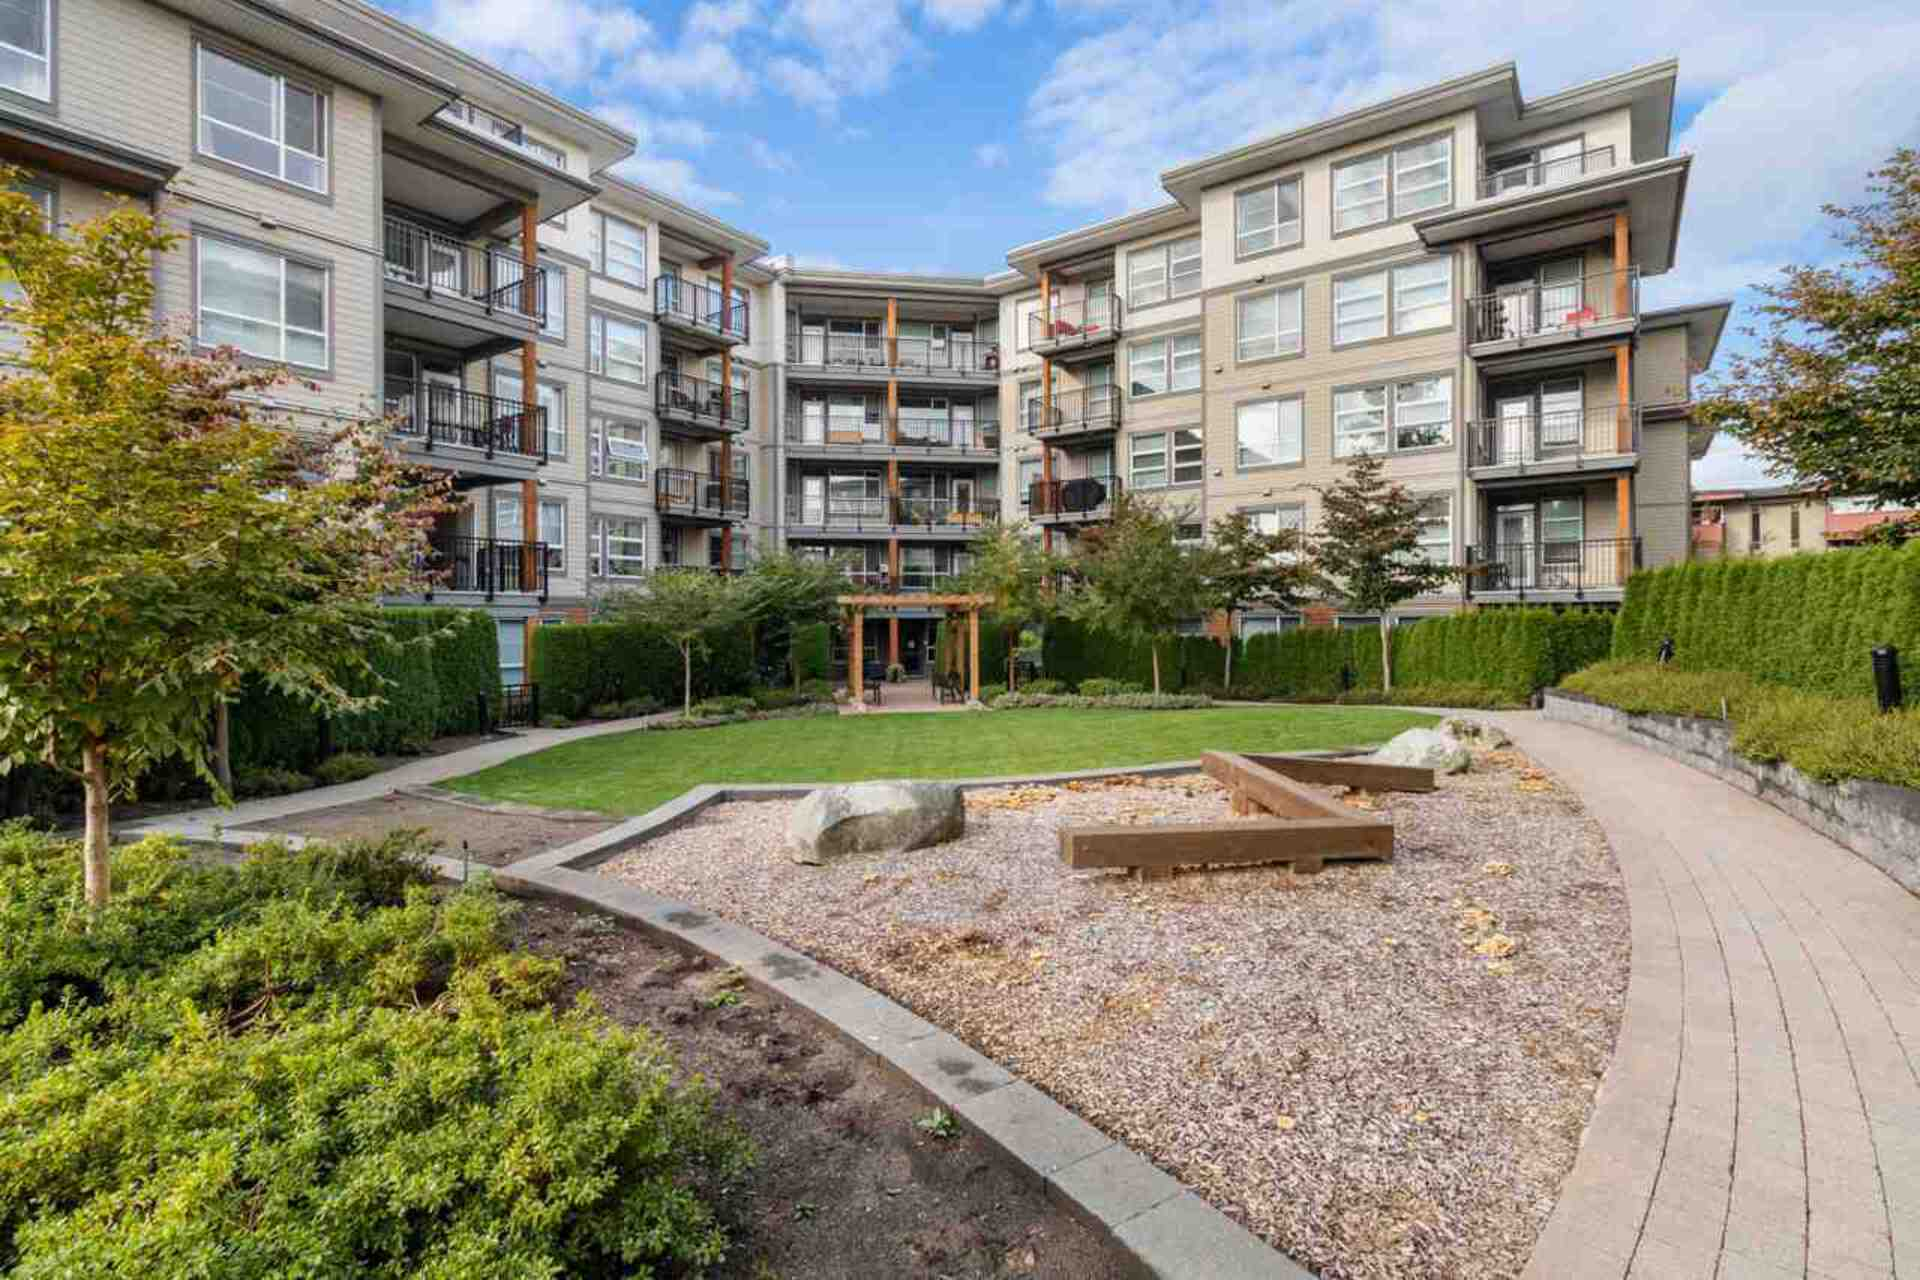 607-cottonwood-avenue-coquitlam-west-coquitlam-29 at 112 - 607 Cottonwood Avenue, Coquitlam West, Coquitlam